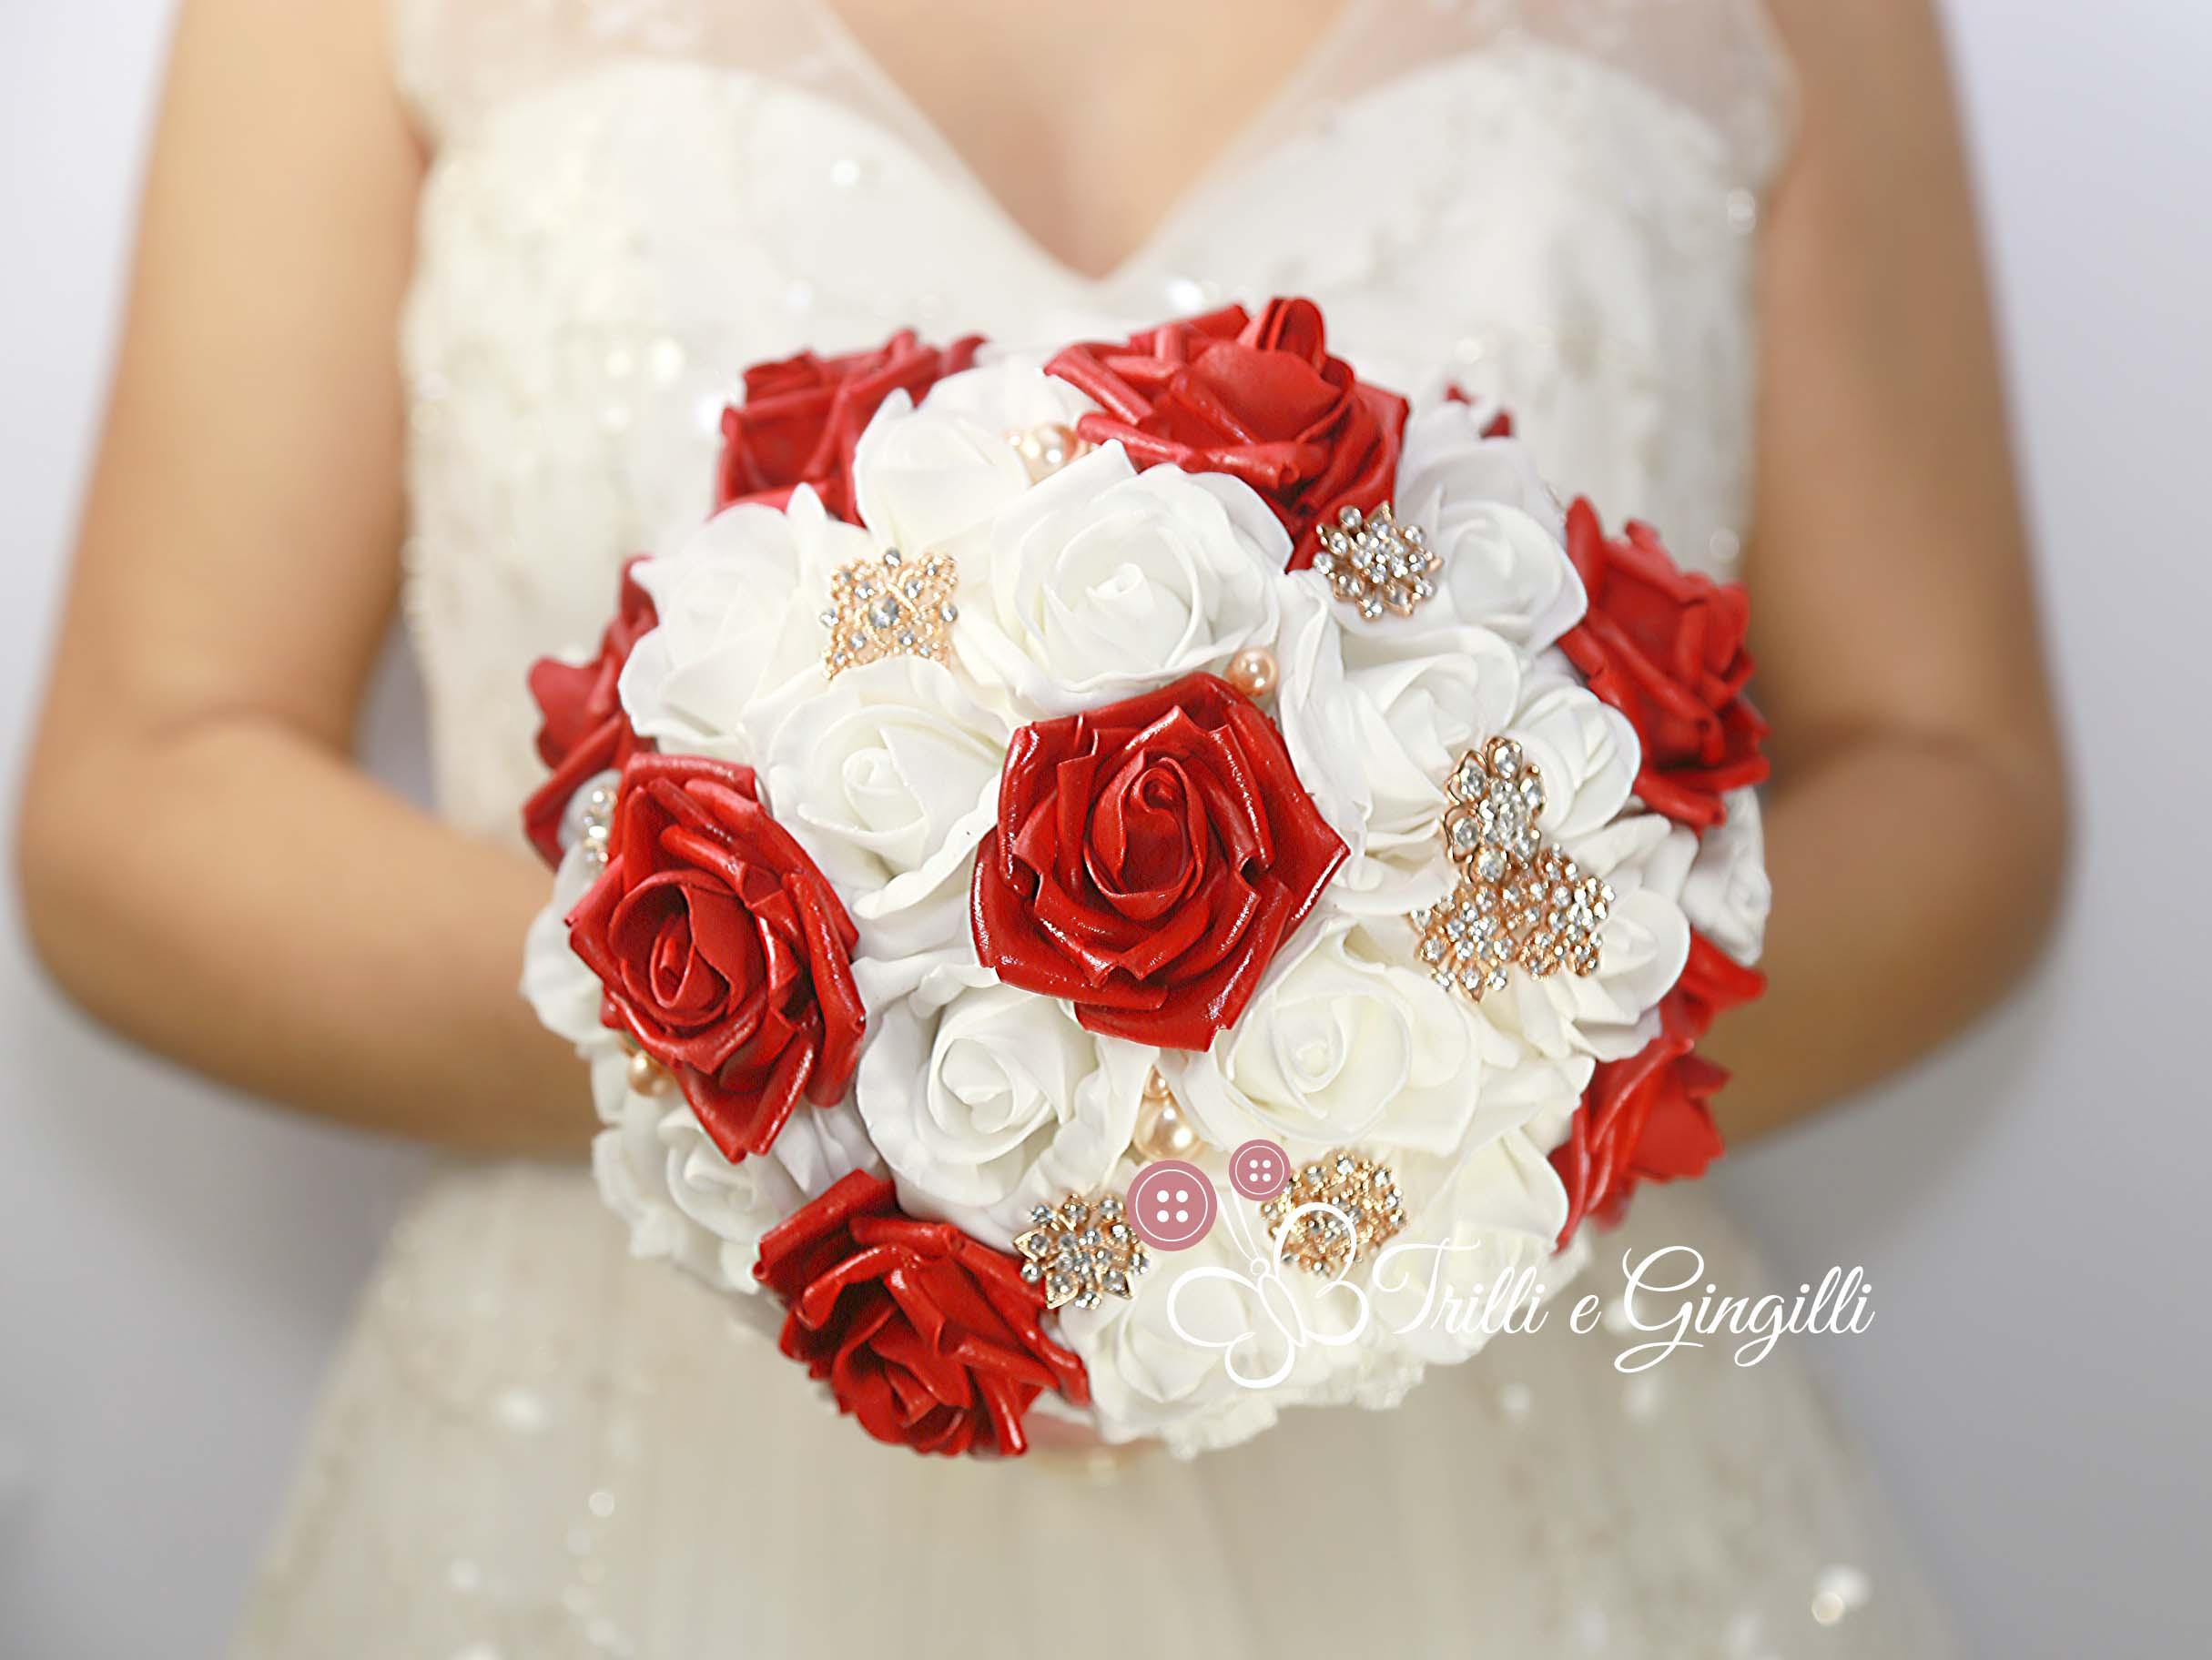 dd1386ed268b Bouquet di rose rosse gioiello oro - Trilli e Gingilli